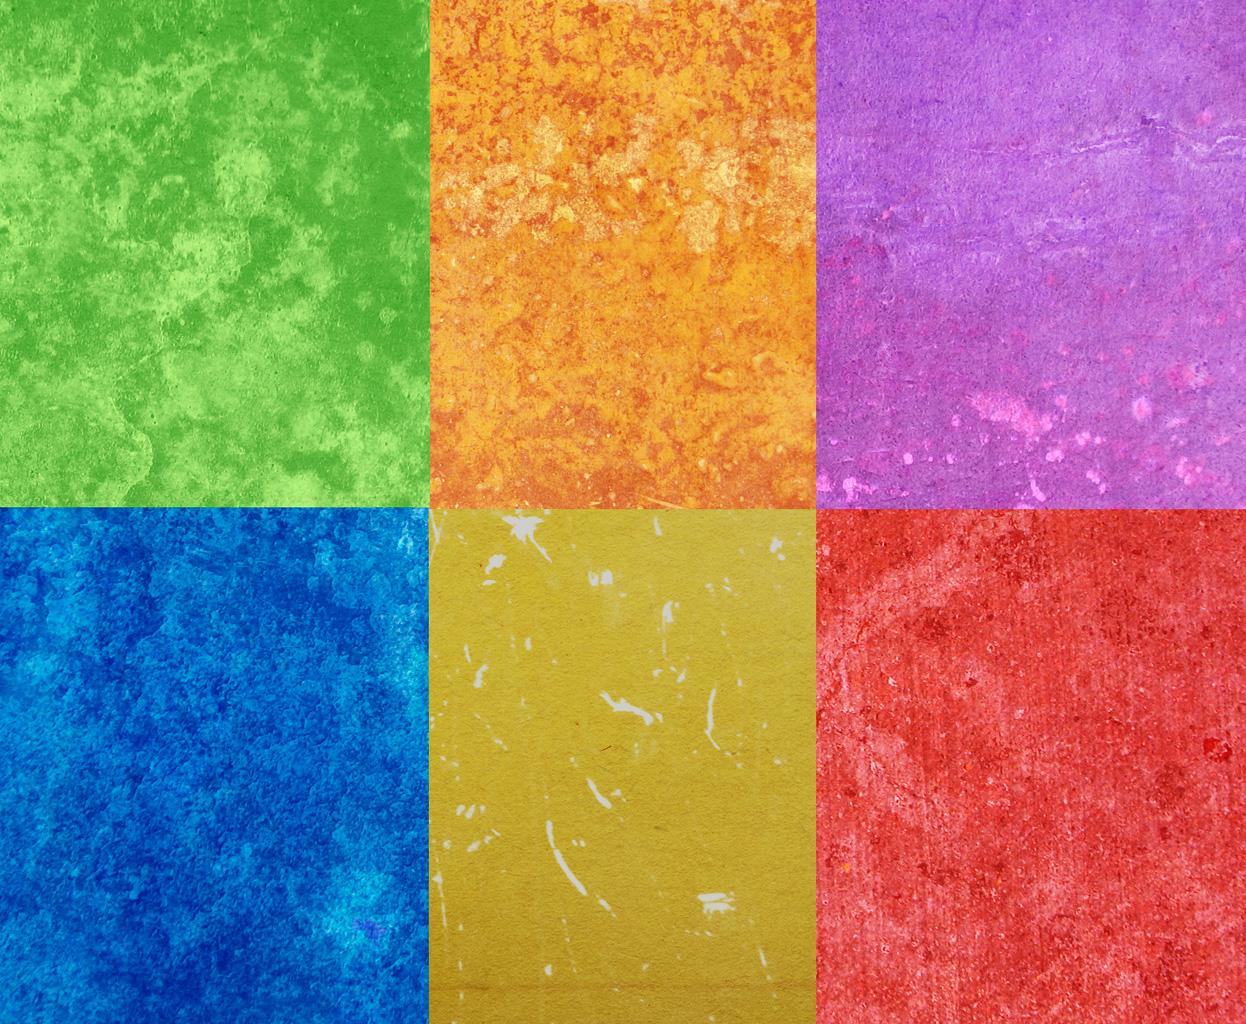 текстура цветной бумаги в стиле гранж